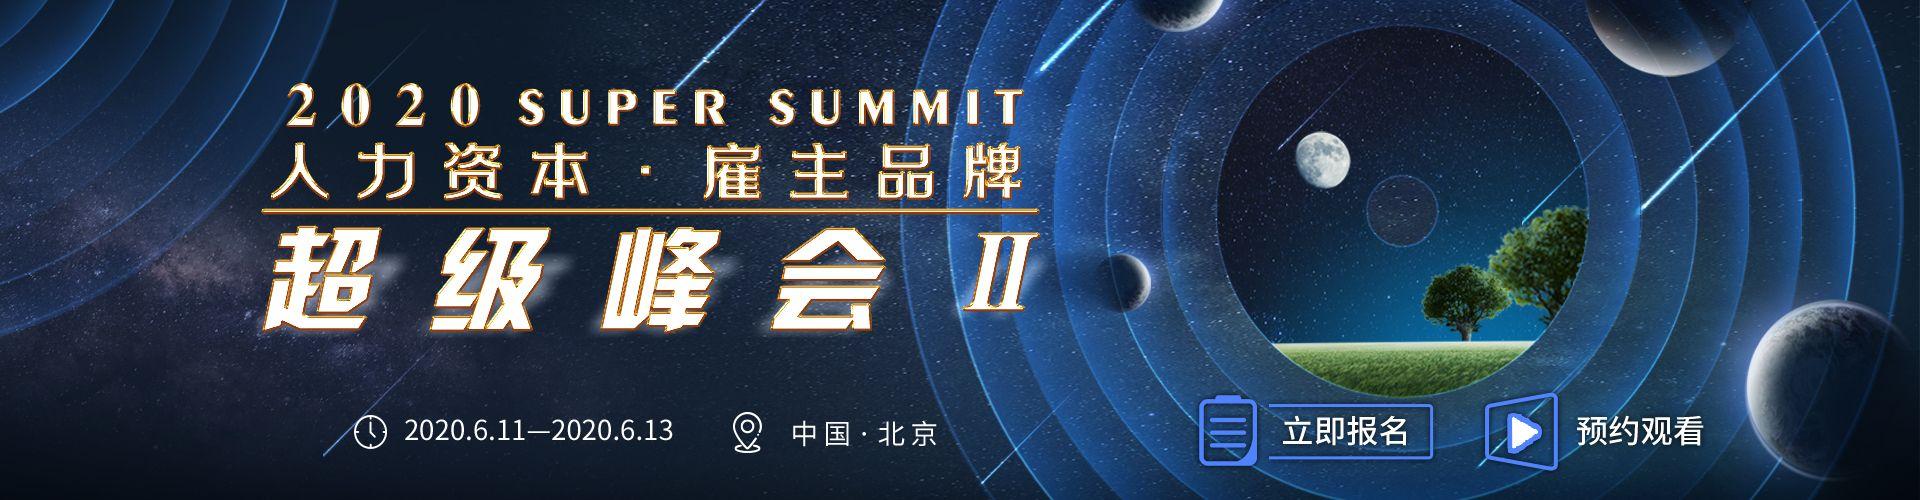 携手樊登读书!打造百万级企业家超级峰会!